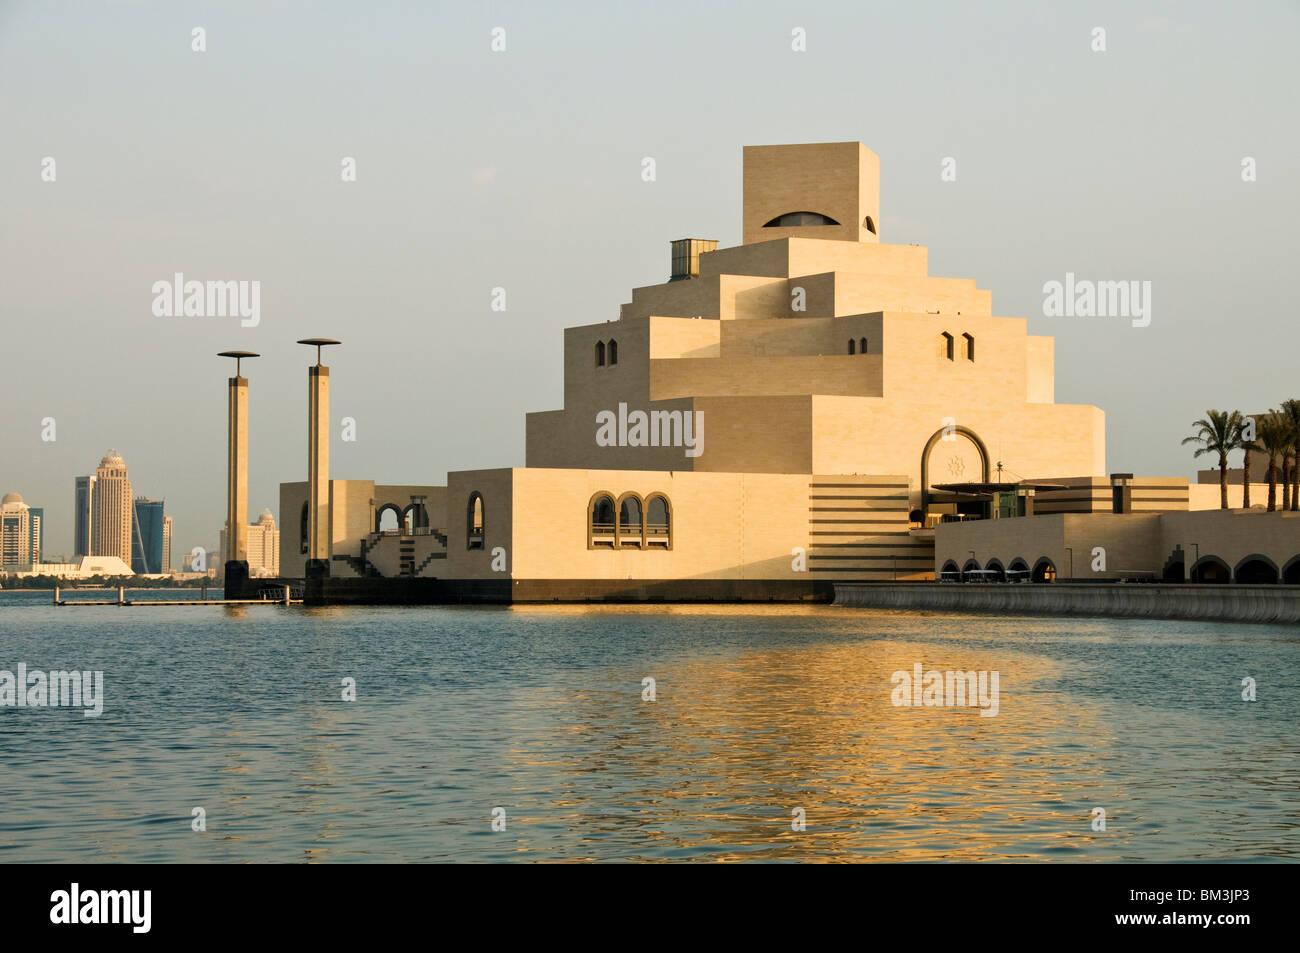 Il Qatar Doha, il Museo di Arte Islamica, I m. Pei architetto 2008 Immagini Stock